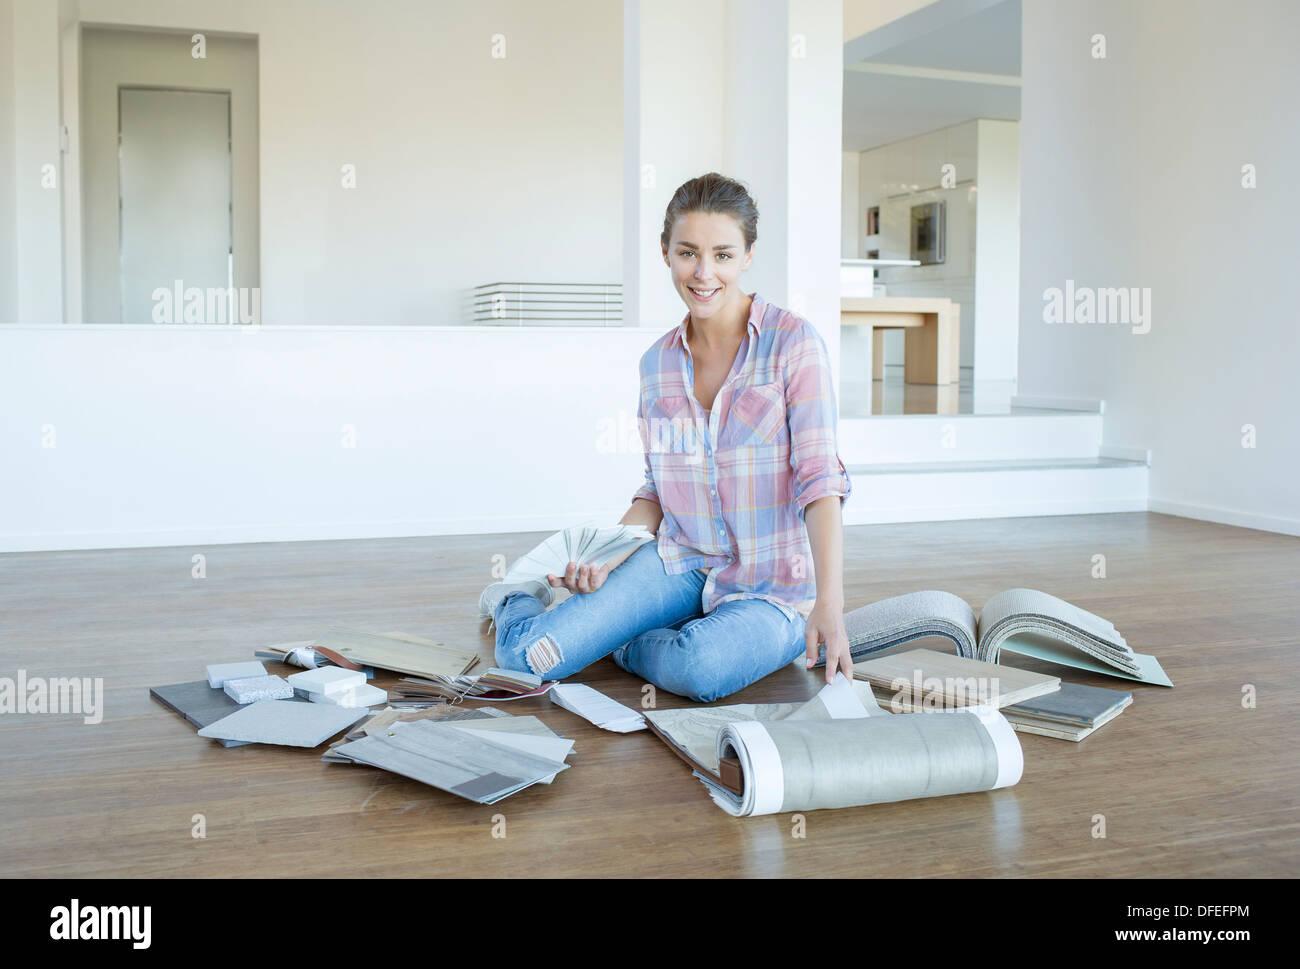 Tapis et peinture femme affichage des nuanciers dans salon vide Banque D'Images